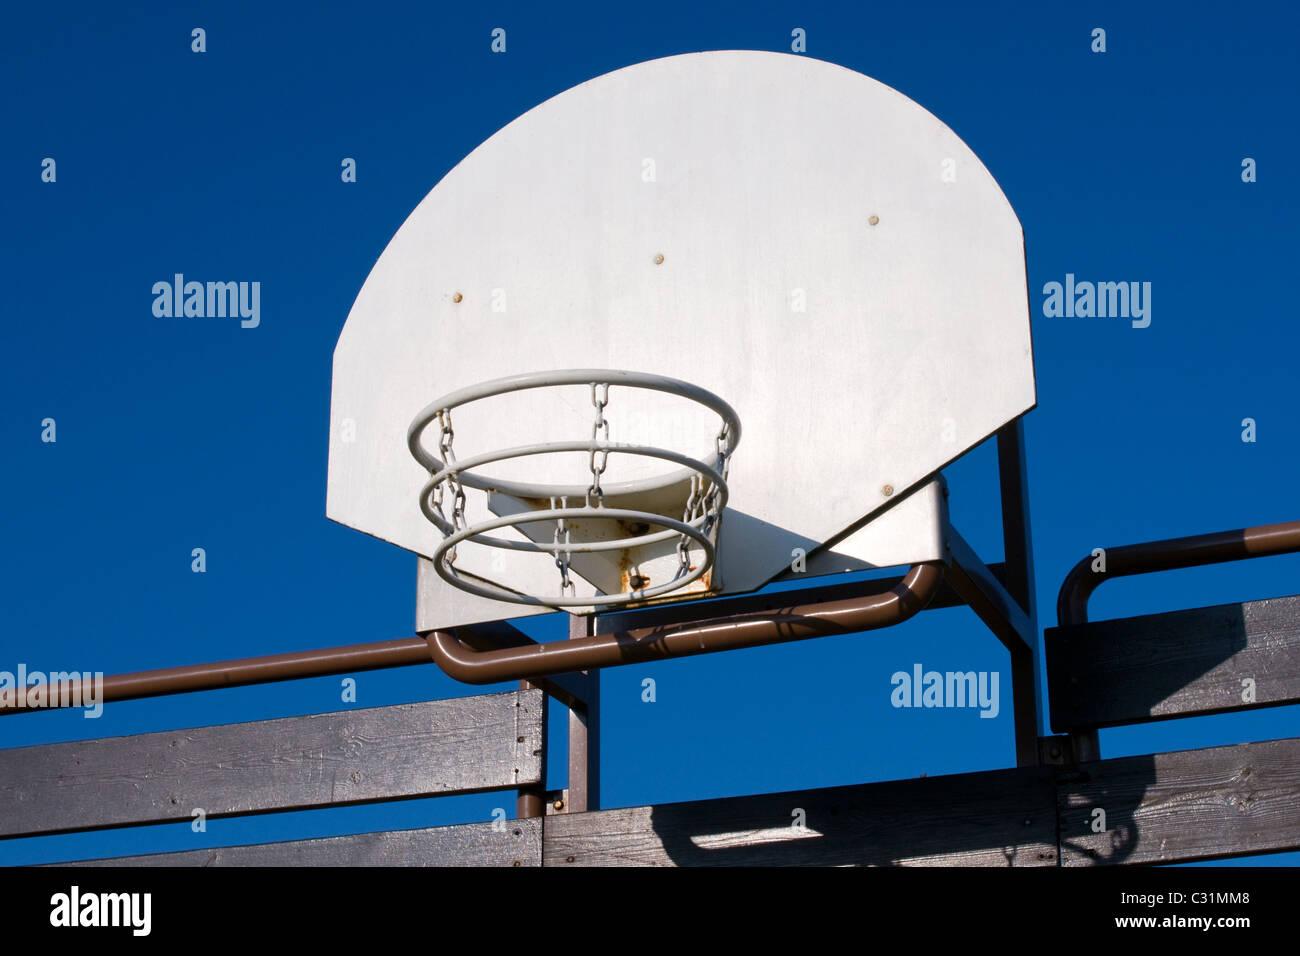 Red de baloncesto de metal Imagen De Stock